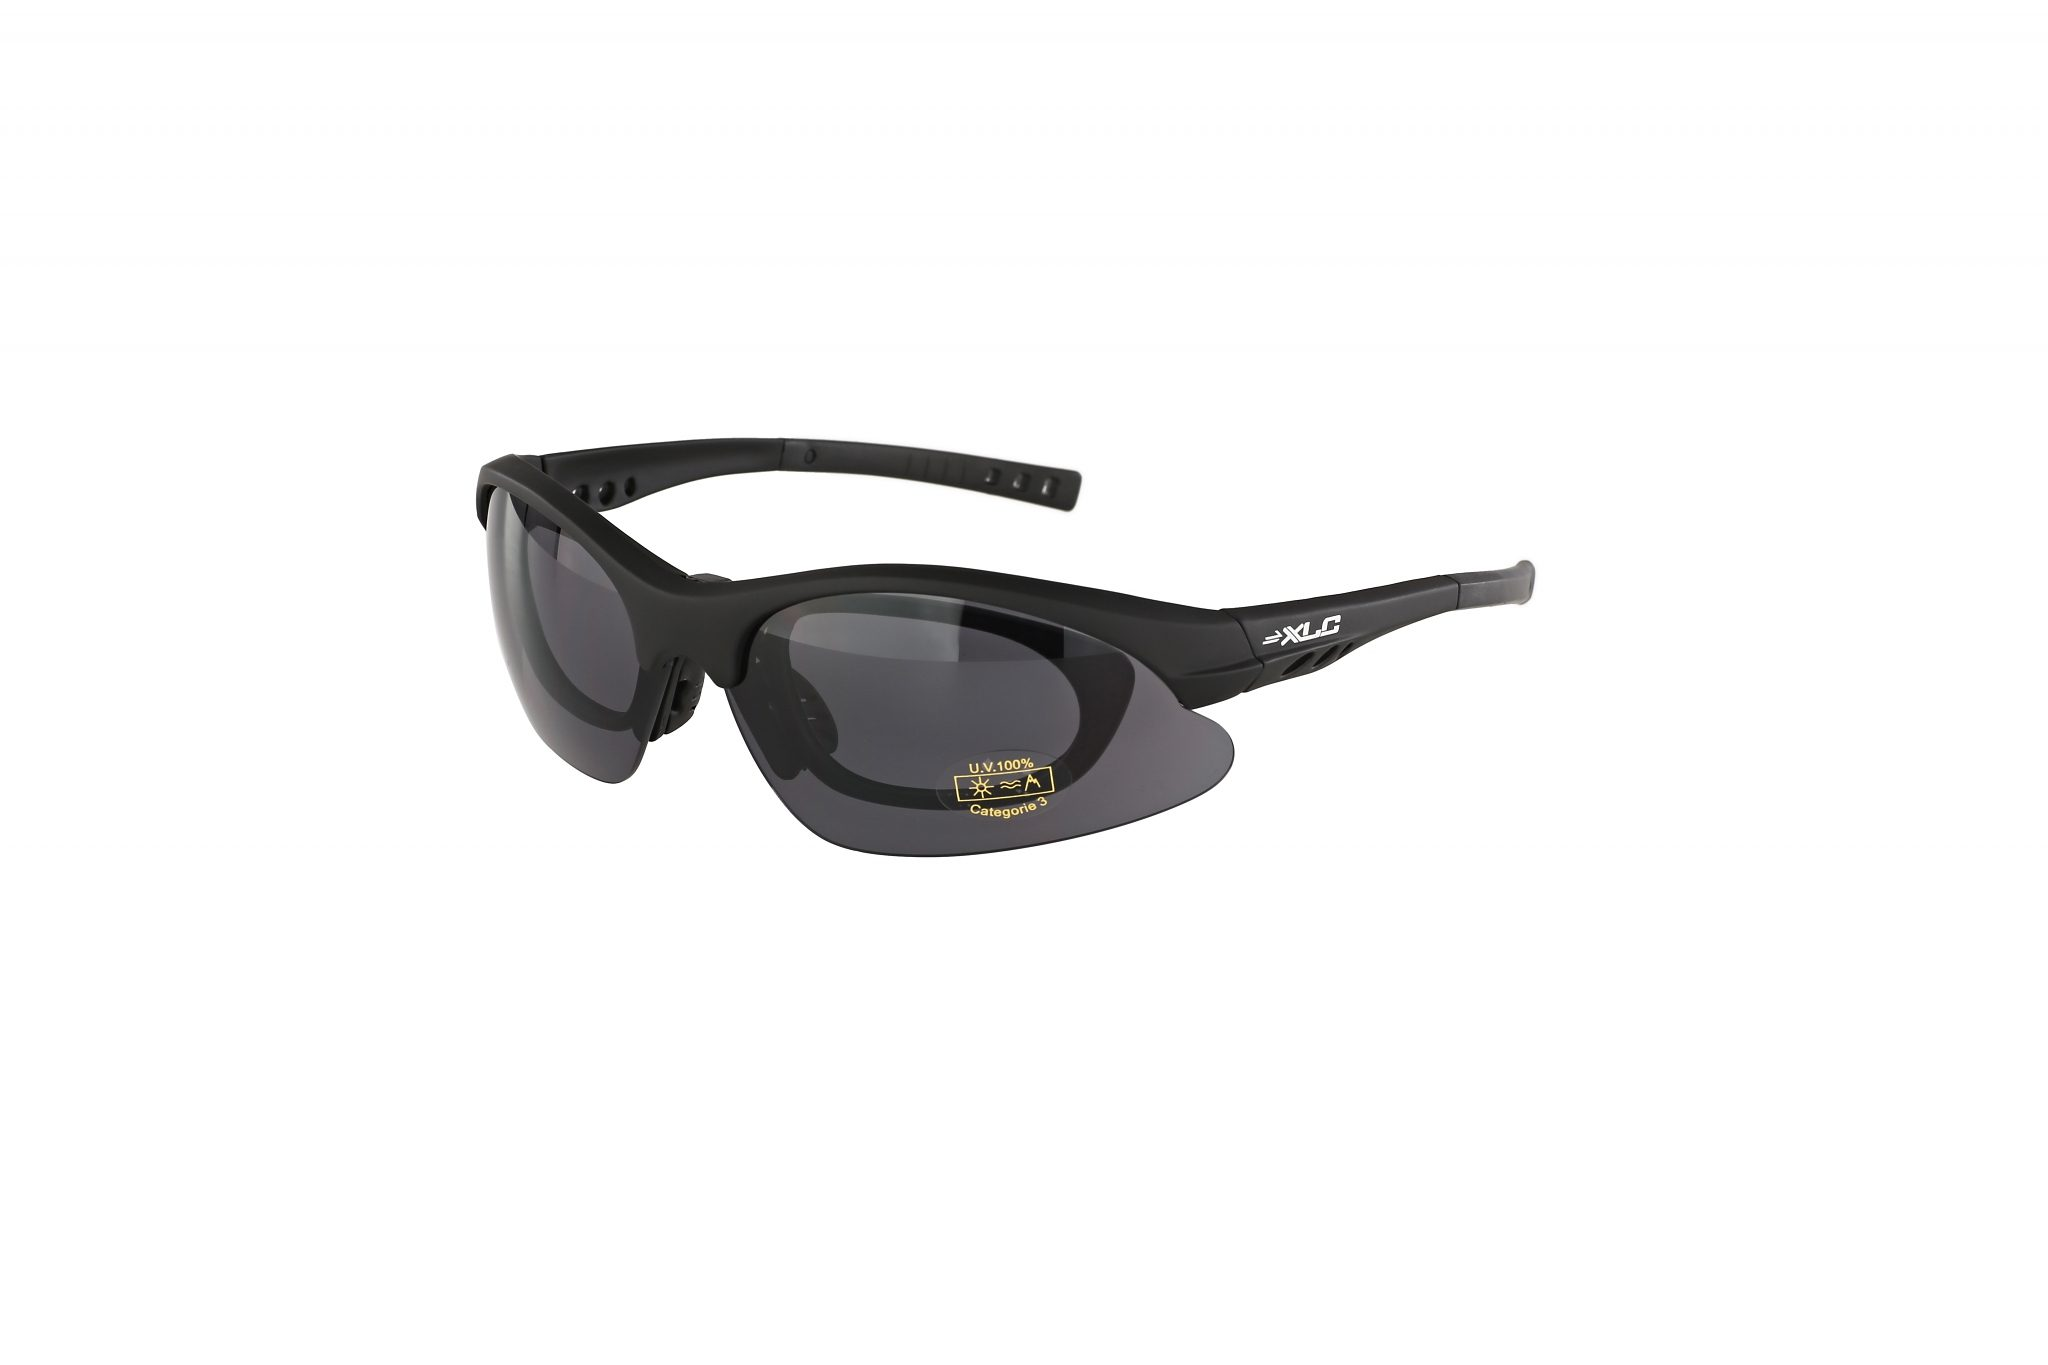 XLC Radsportbrille »XLC Bahamas SG-F01 Sonnenbrille«